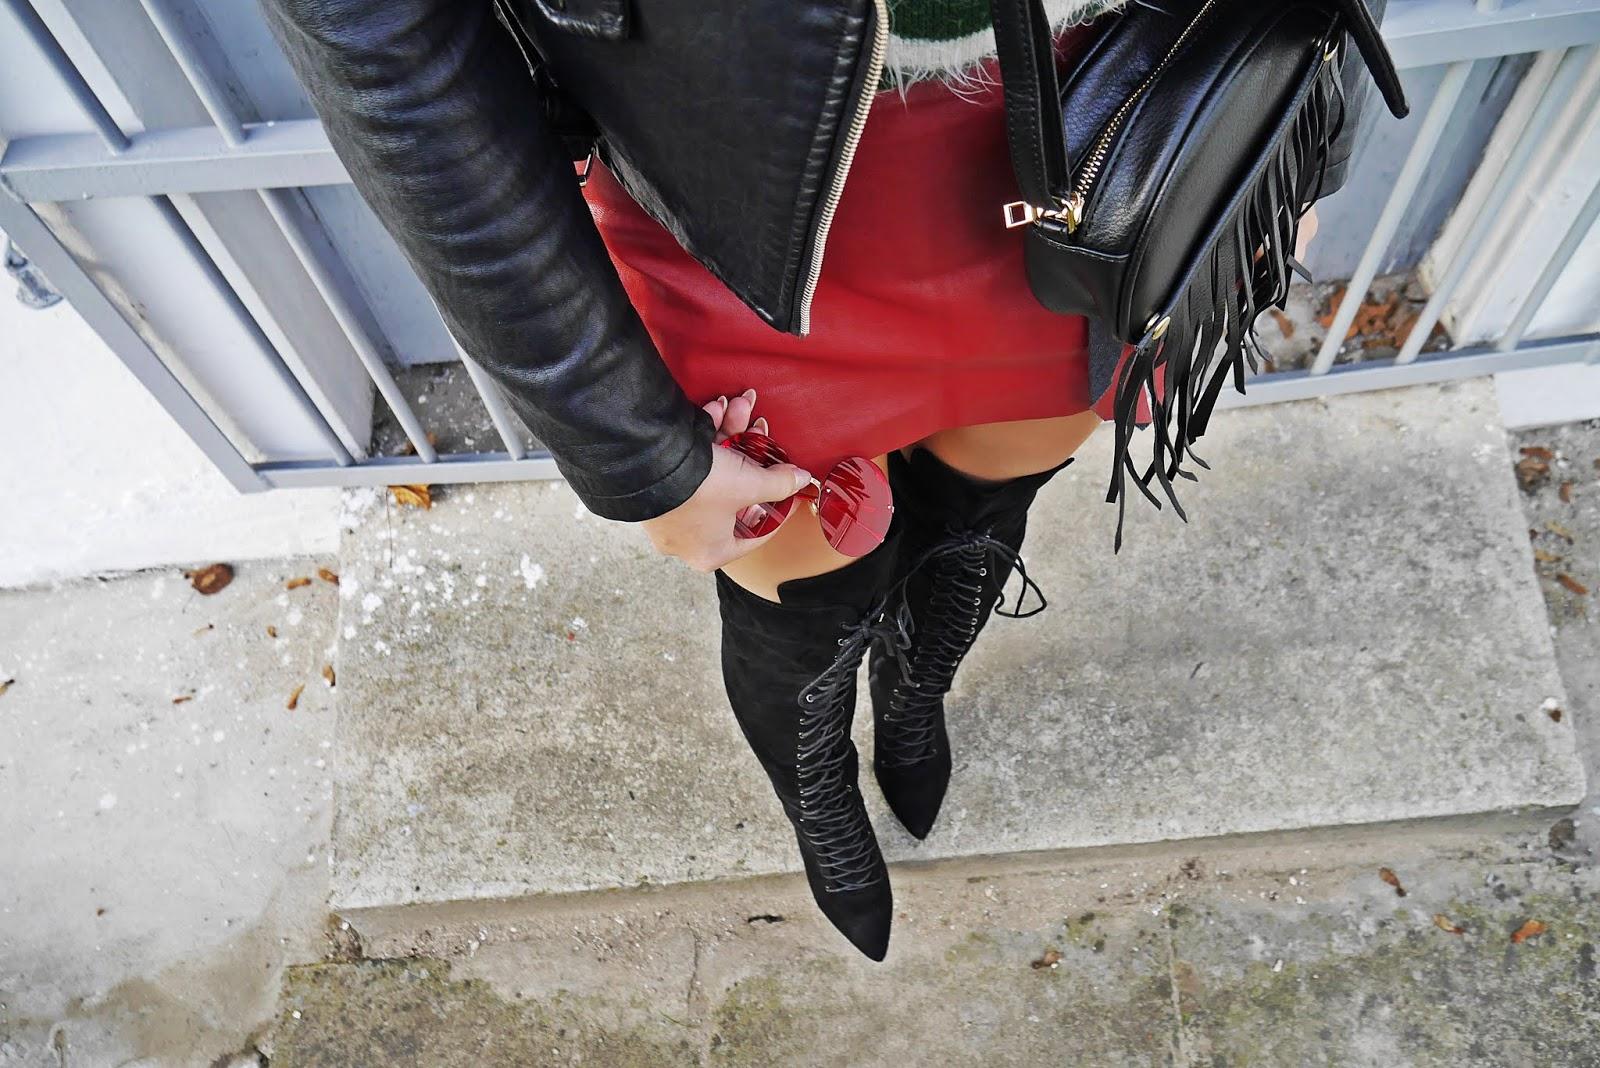 Sweterek świąteczny spódnica skórzana bordowa kozaki za kolano renee czarna ramoneska karyn blog modowy blogerka modowa puławy